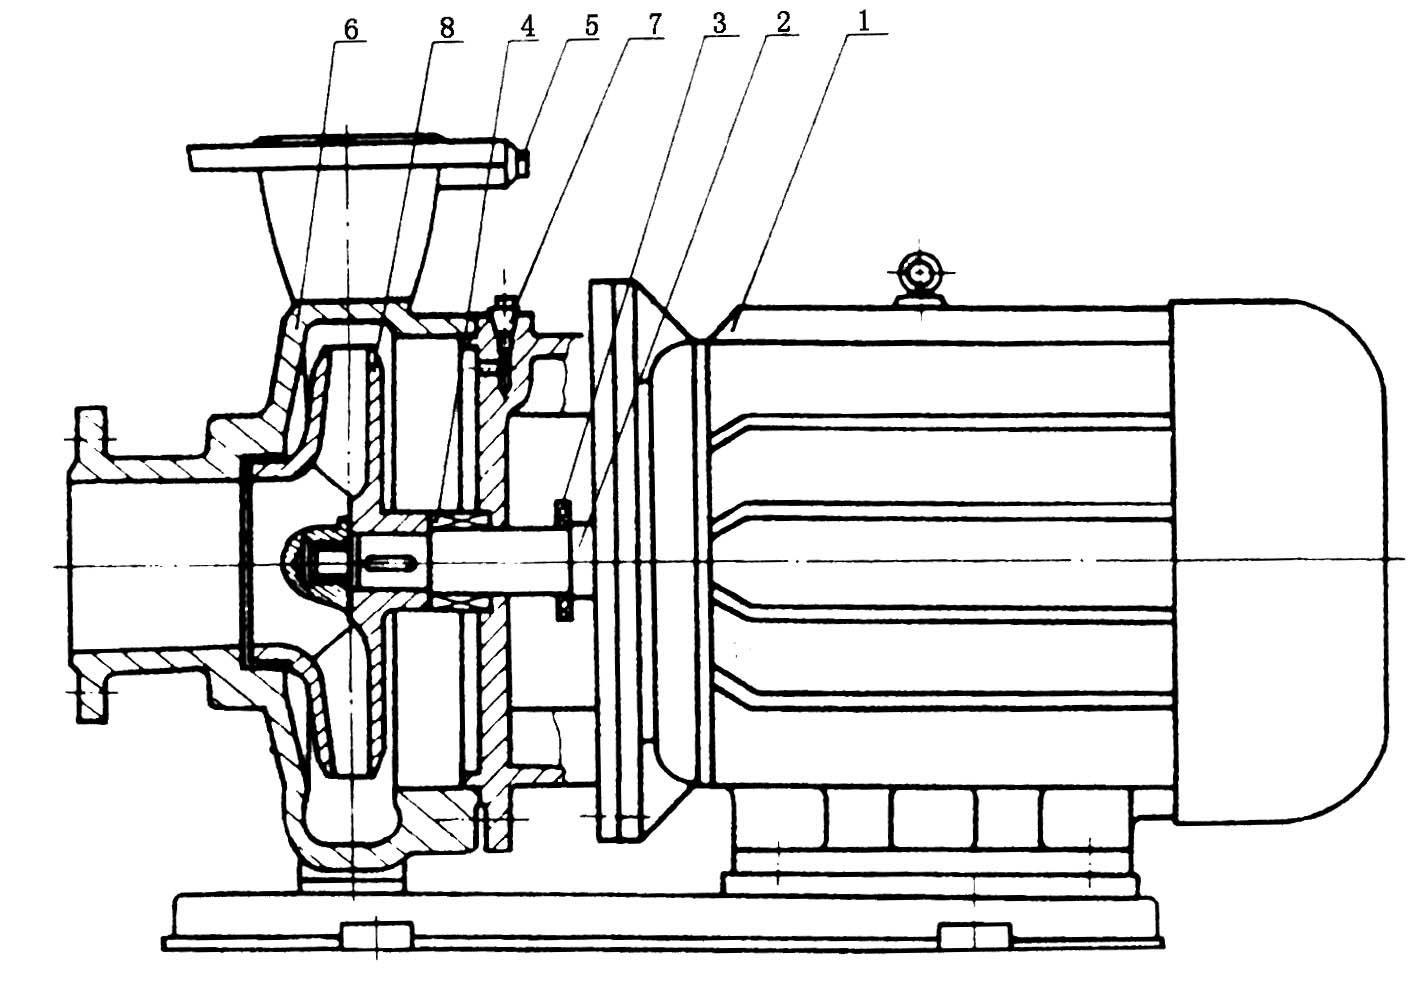 一、主要用途: 1、ISW卧式清水泵,供输送清水及物理化学性质类似于清水的其他液体之用,适用于工业和城市给排水,高层建筑增压送水,园林喷灌,消防增压,远距离输送,暖通制冷循环、浴室等冷暖水循环增压及设备配套,使用温度T80。 2、ISWR卧式热水泵广泛适用于:冶金、化工、纺织、造纸、以及宾馆饭店等锅炉热水增压循环输送及城市采暖系统,ISWR型使用温度T120。 3、lSWH卧式化工泵,供输送不含固体颗料,具有腐蚀性,粘度类似于水的液体,适用于石油、化工、冶金、电力、造纸、食品制药和合成纤维等部门,使